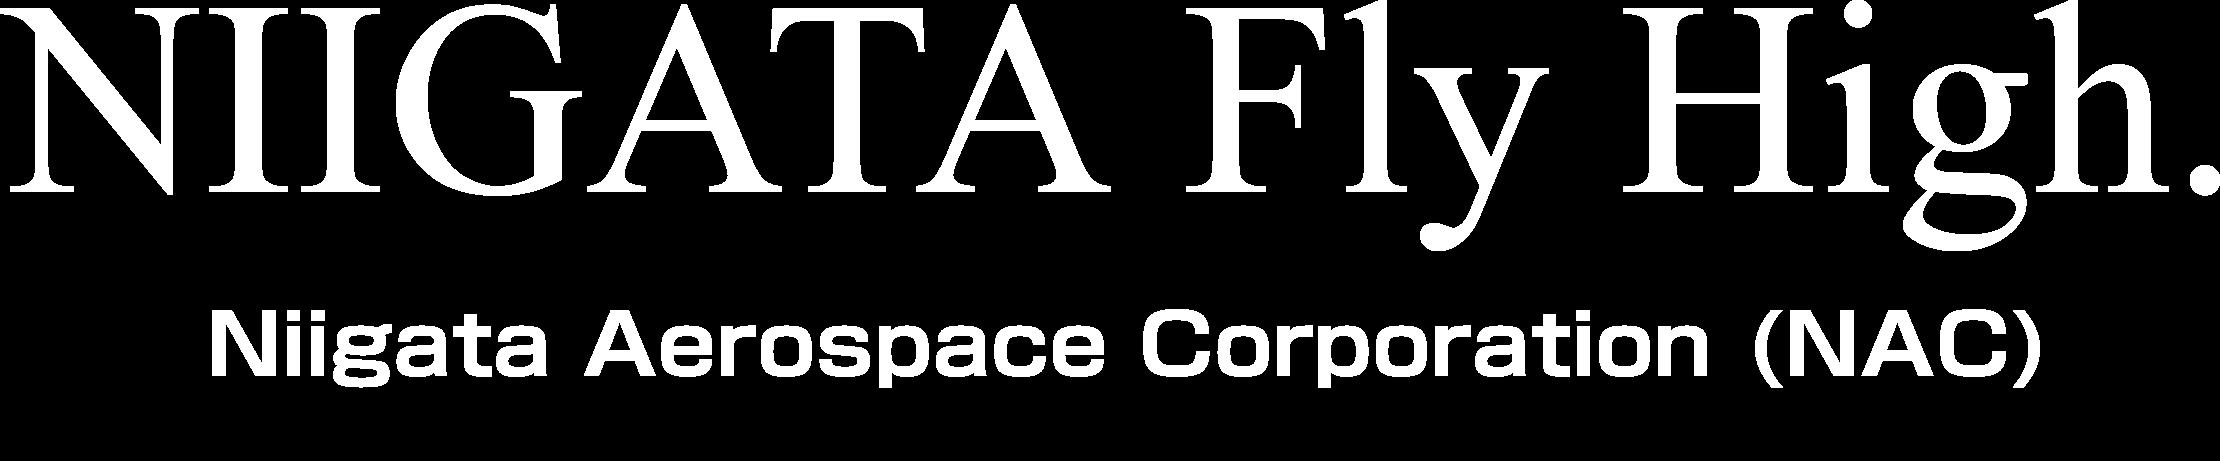 Niigata Aerospace Corporation